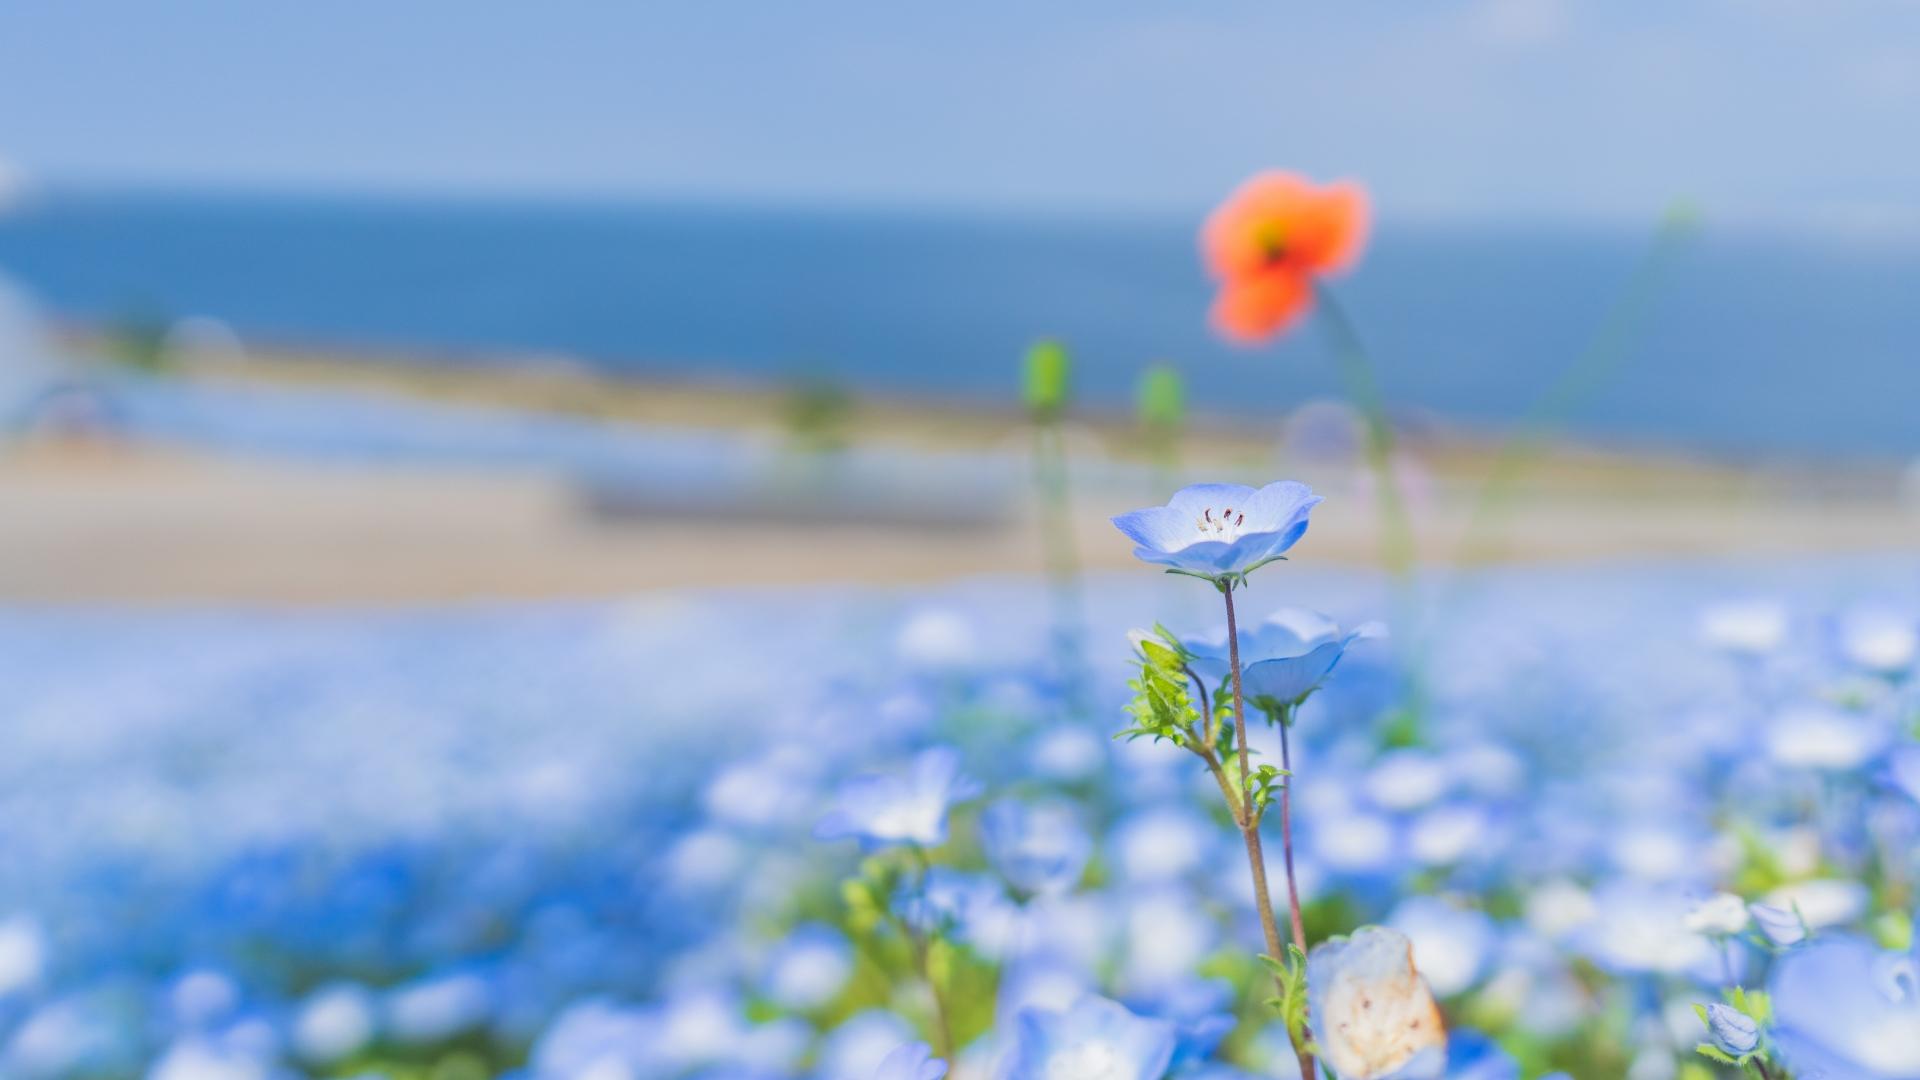 4081359_m 大阪府 大阪まいしまシーサイドパーク(一面に咲くネモフィラと空と海の青の絶景スポット! 写真の紹介、アクセス情報など)